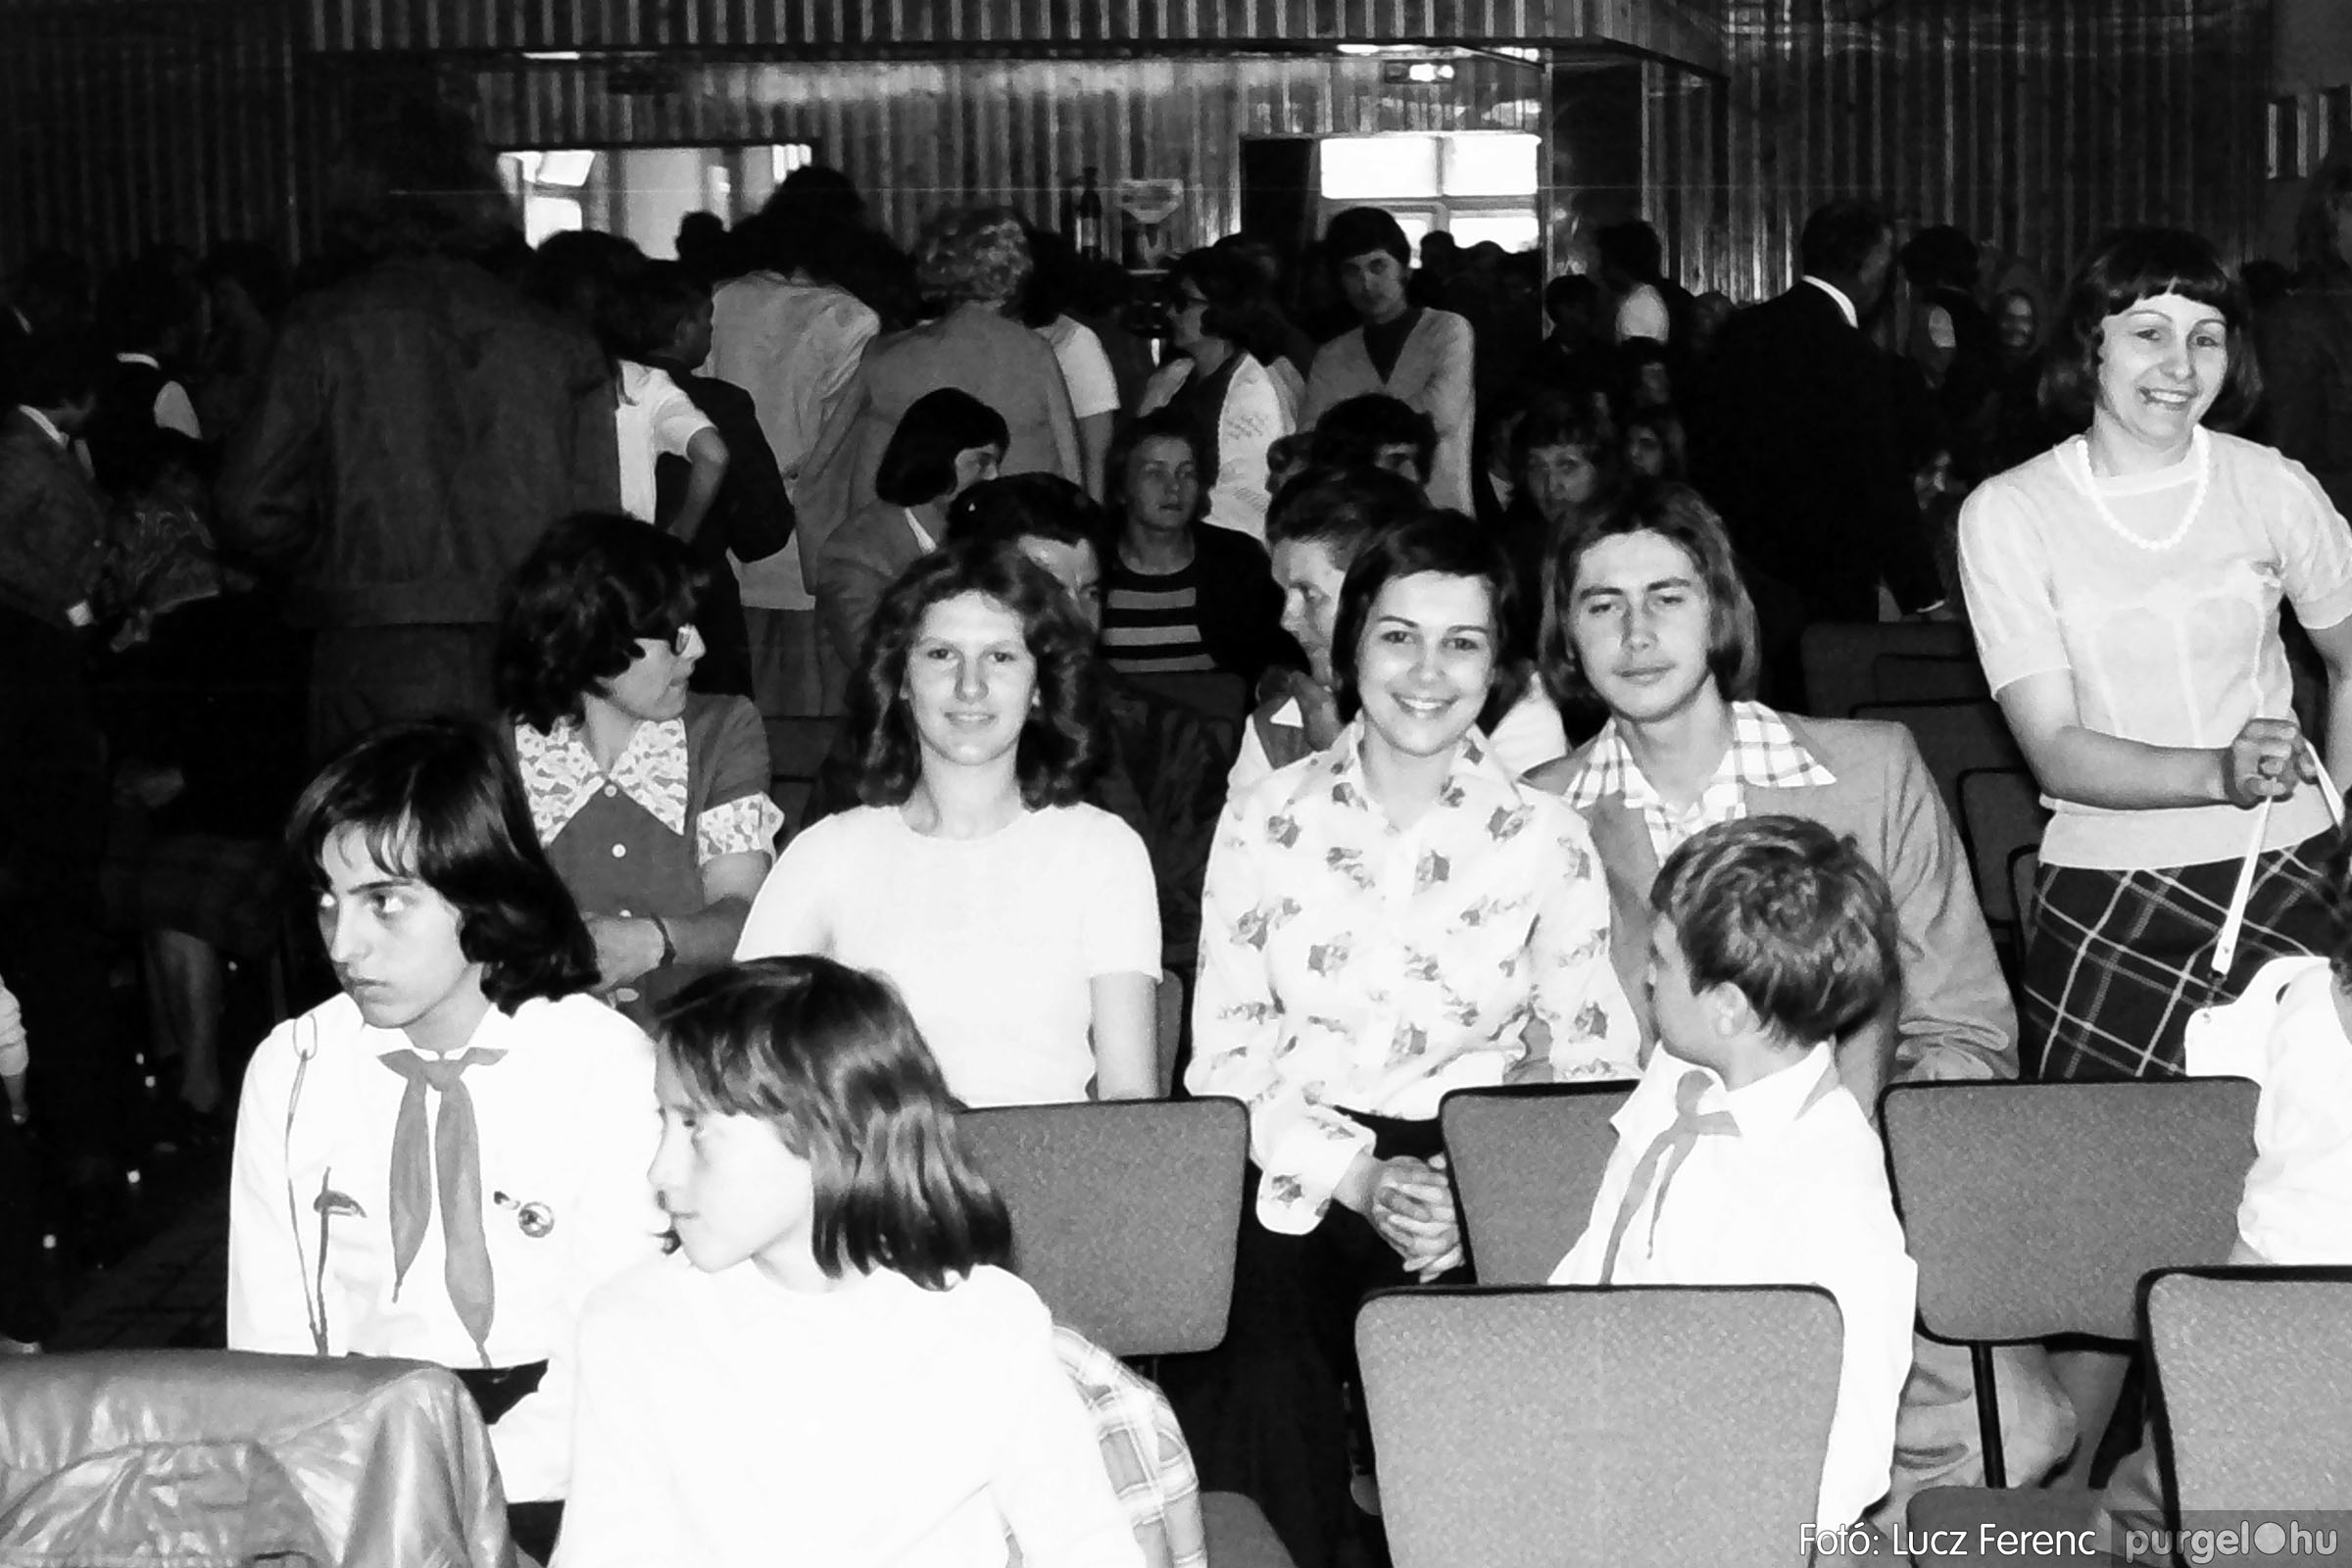 039. 1976.04.04. Április 4-i ünnepség a kultúrházban 019. - Fotó: Lucz Ferenc.jpg